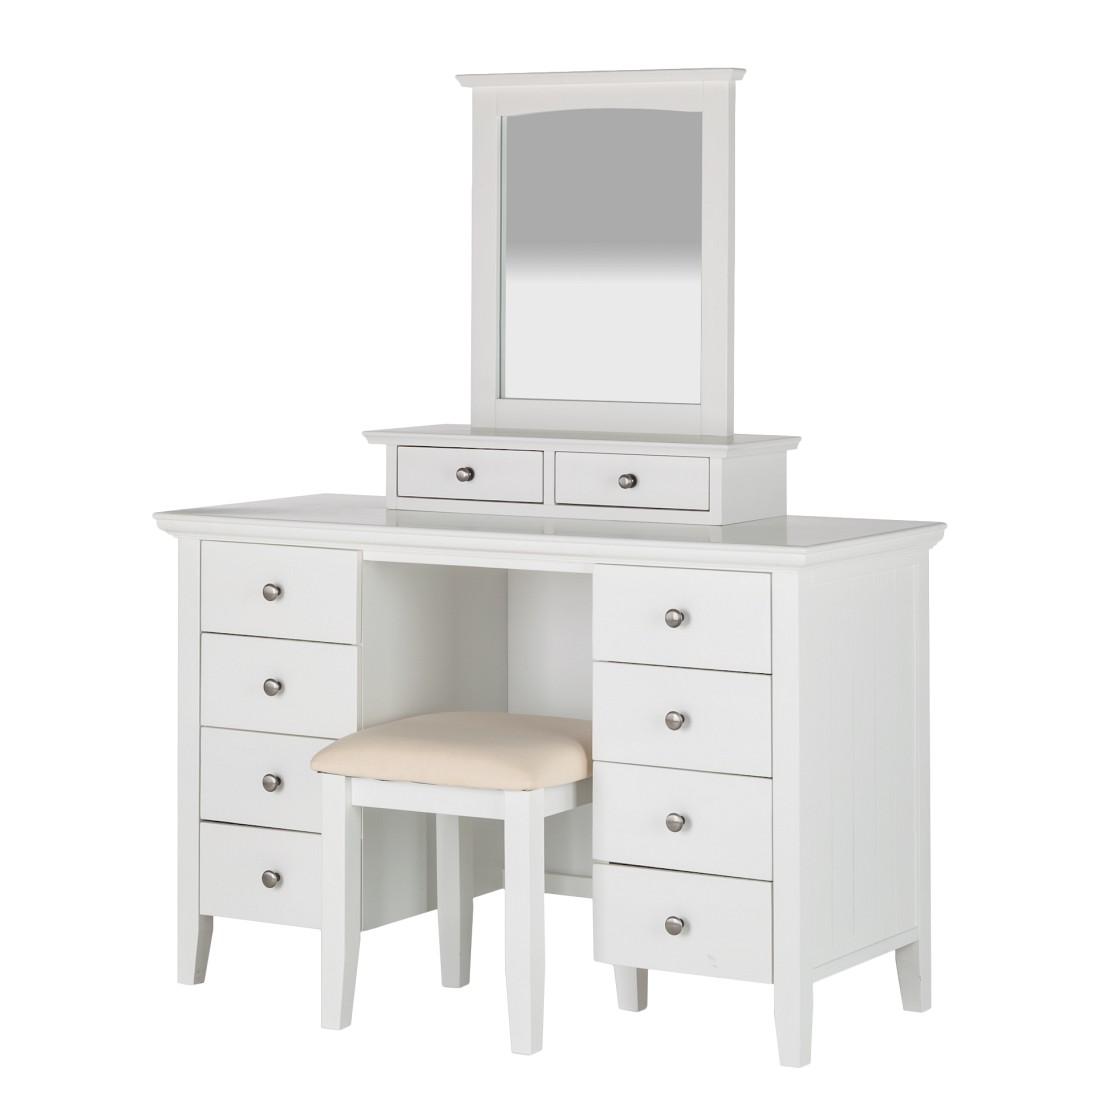 schminktisch wei preisvergleich die besten angebote online kaufen. Black Bedroom Furniture Sets. Home Design Ideas